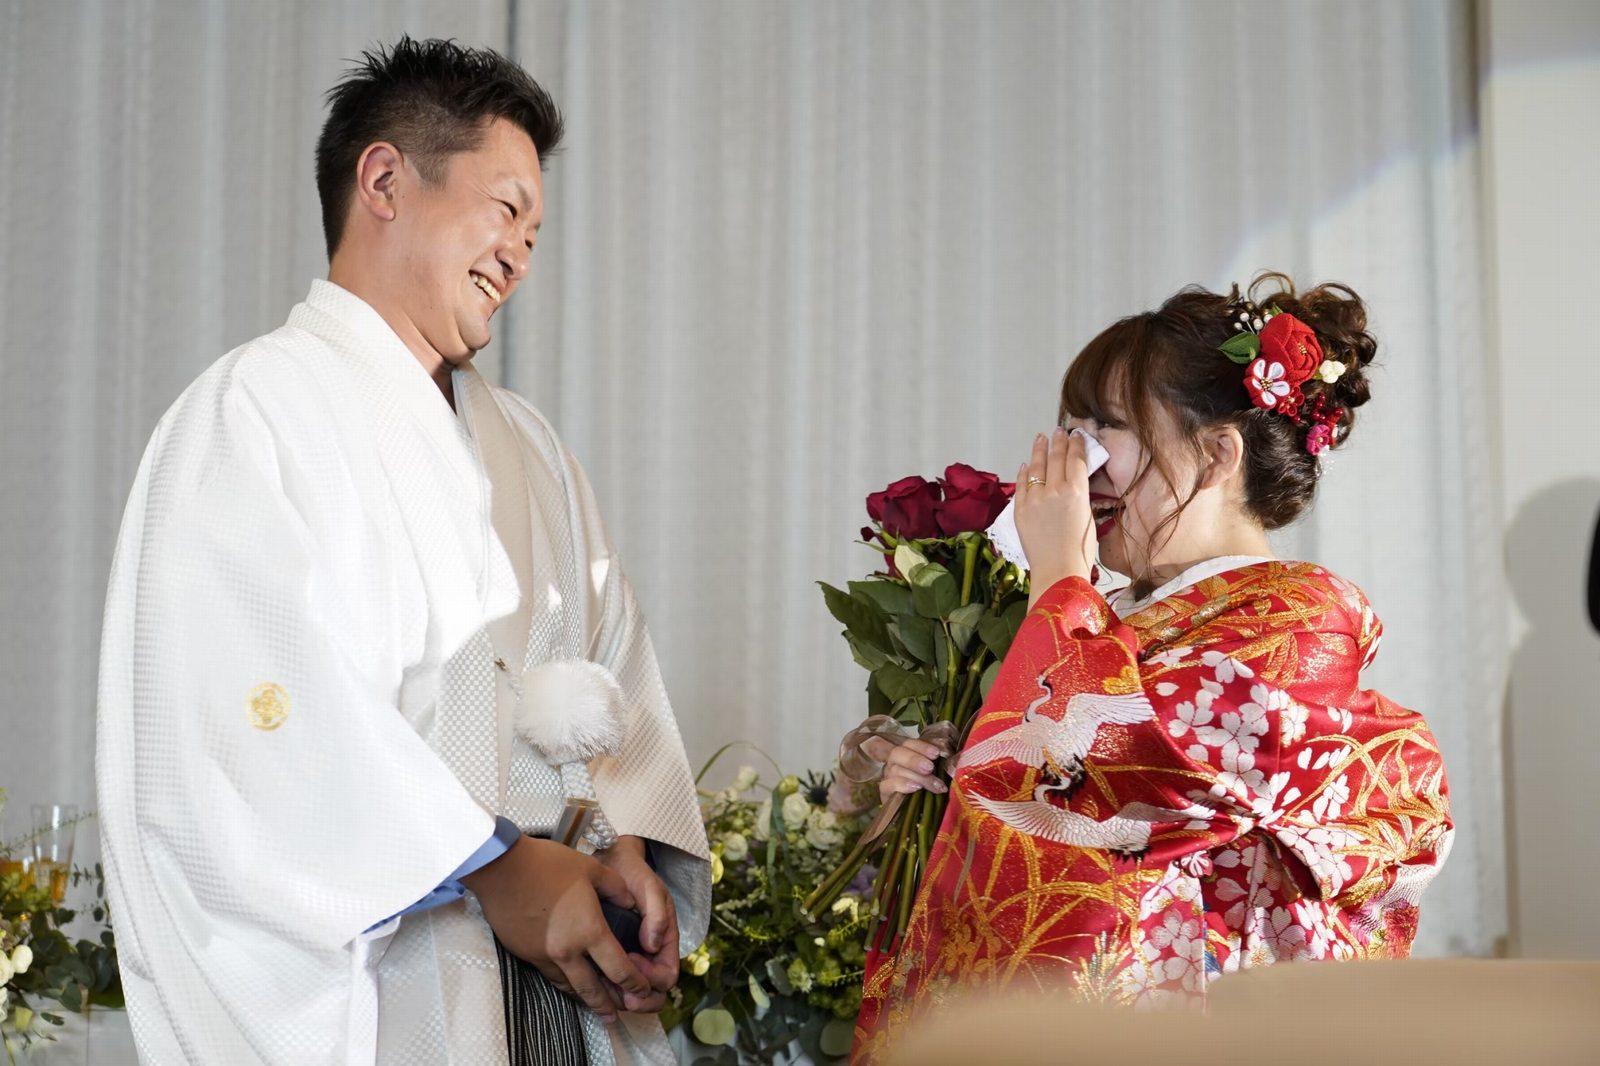 香川県の結婚式場シェルエメール&アイスタイル 余興